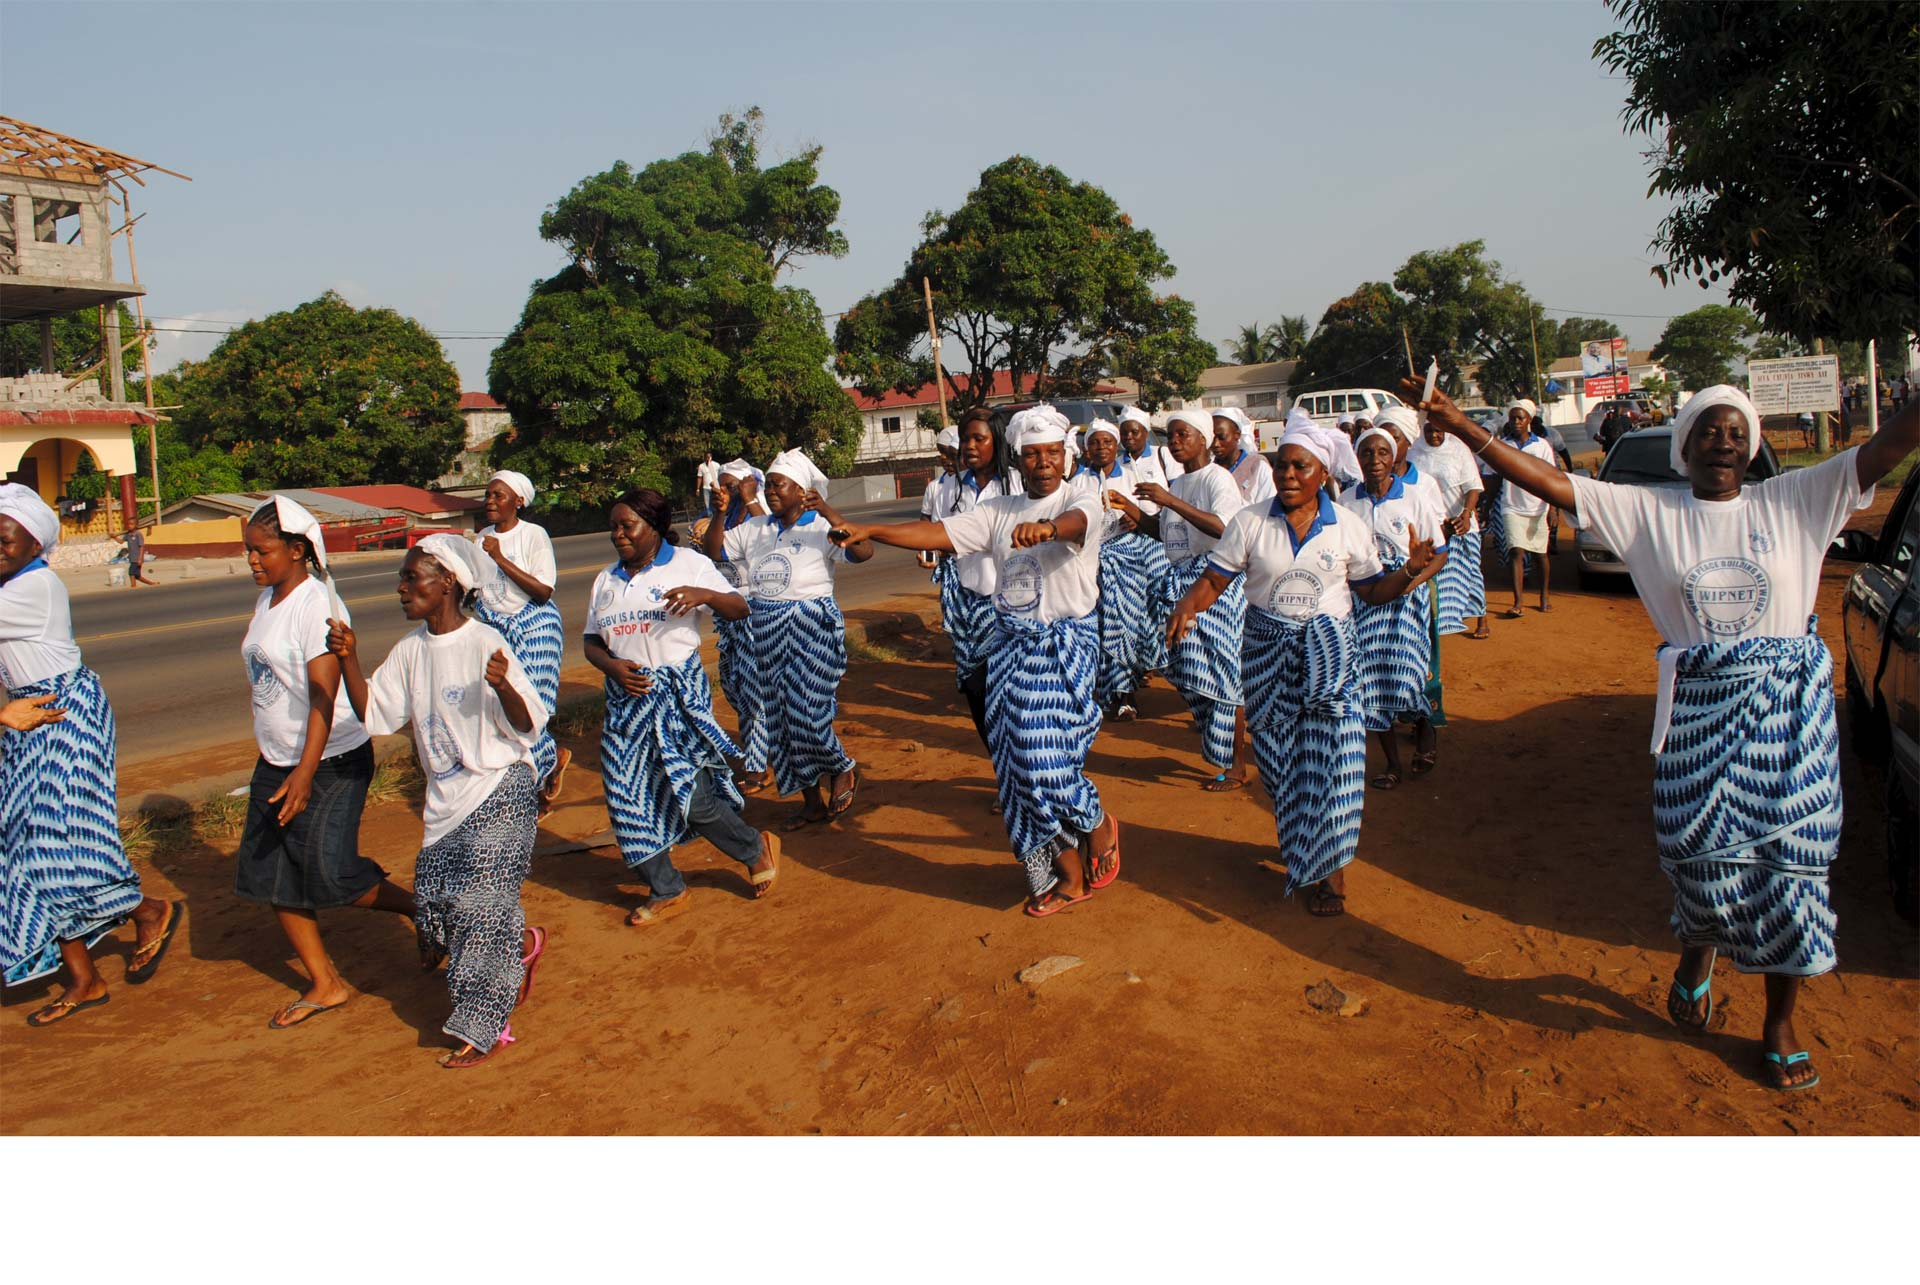 Liberia será declarada libre de esta enfermedad, con lo que se levanta la alarma dos años después de la crisis que azotó al oeste de África